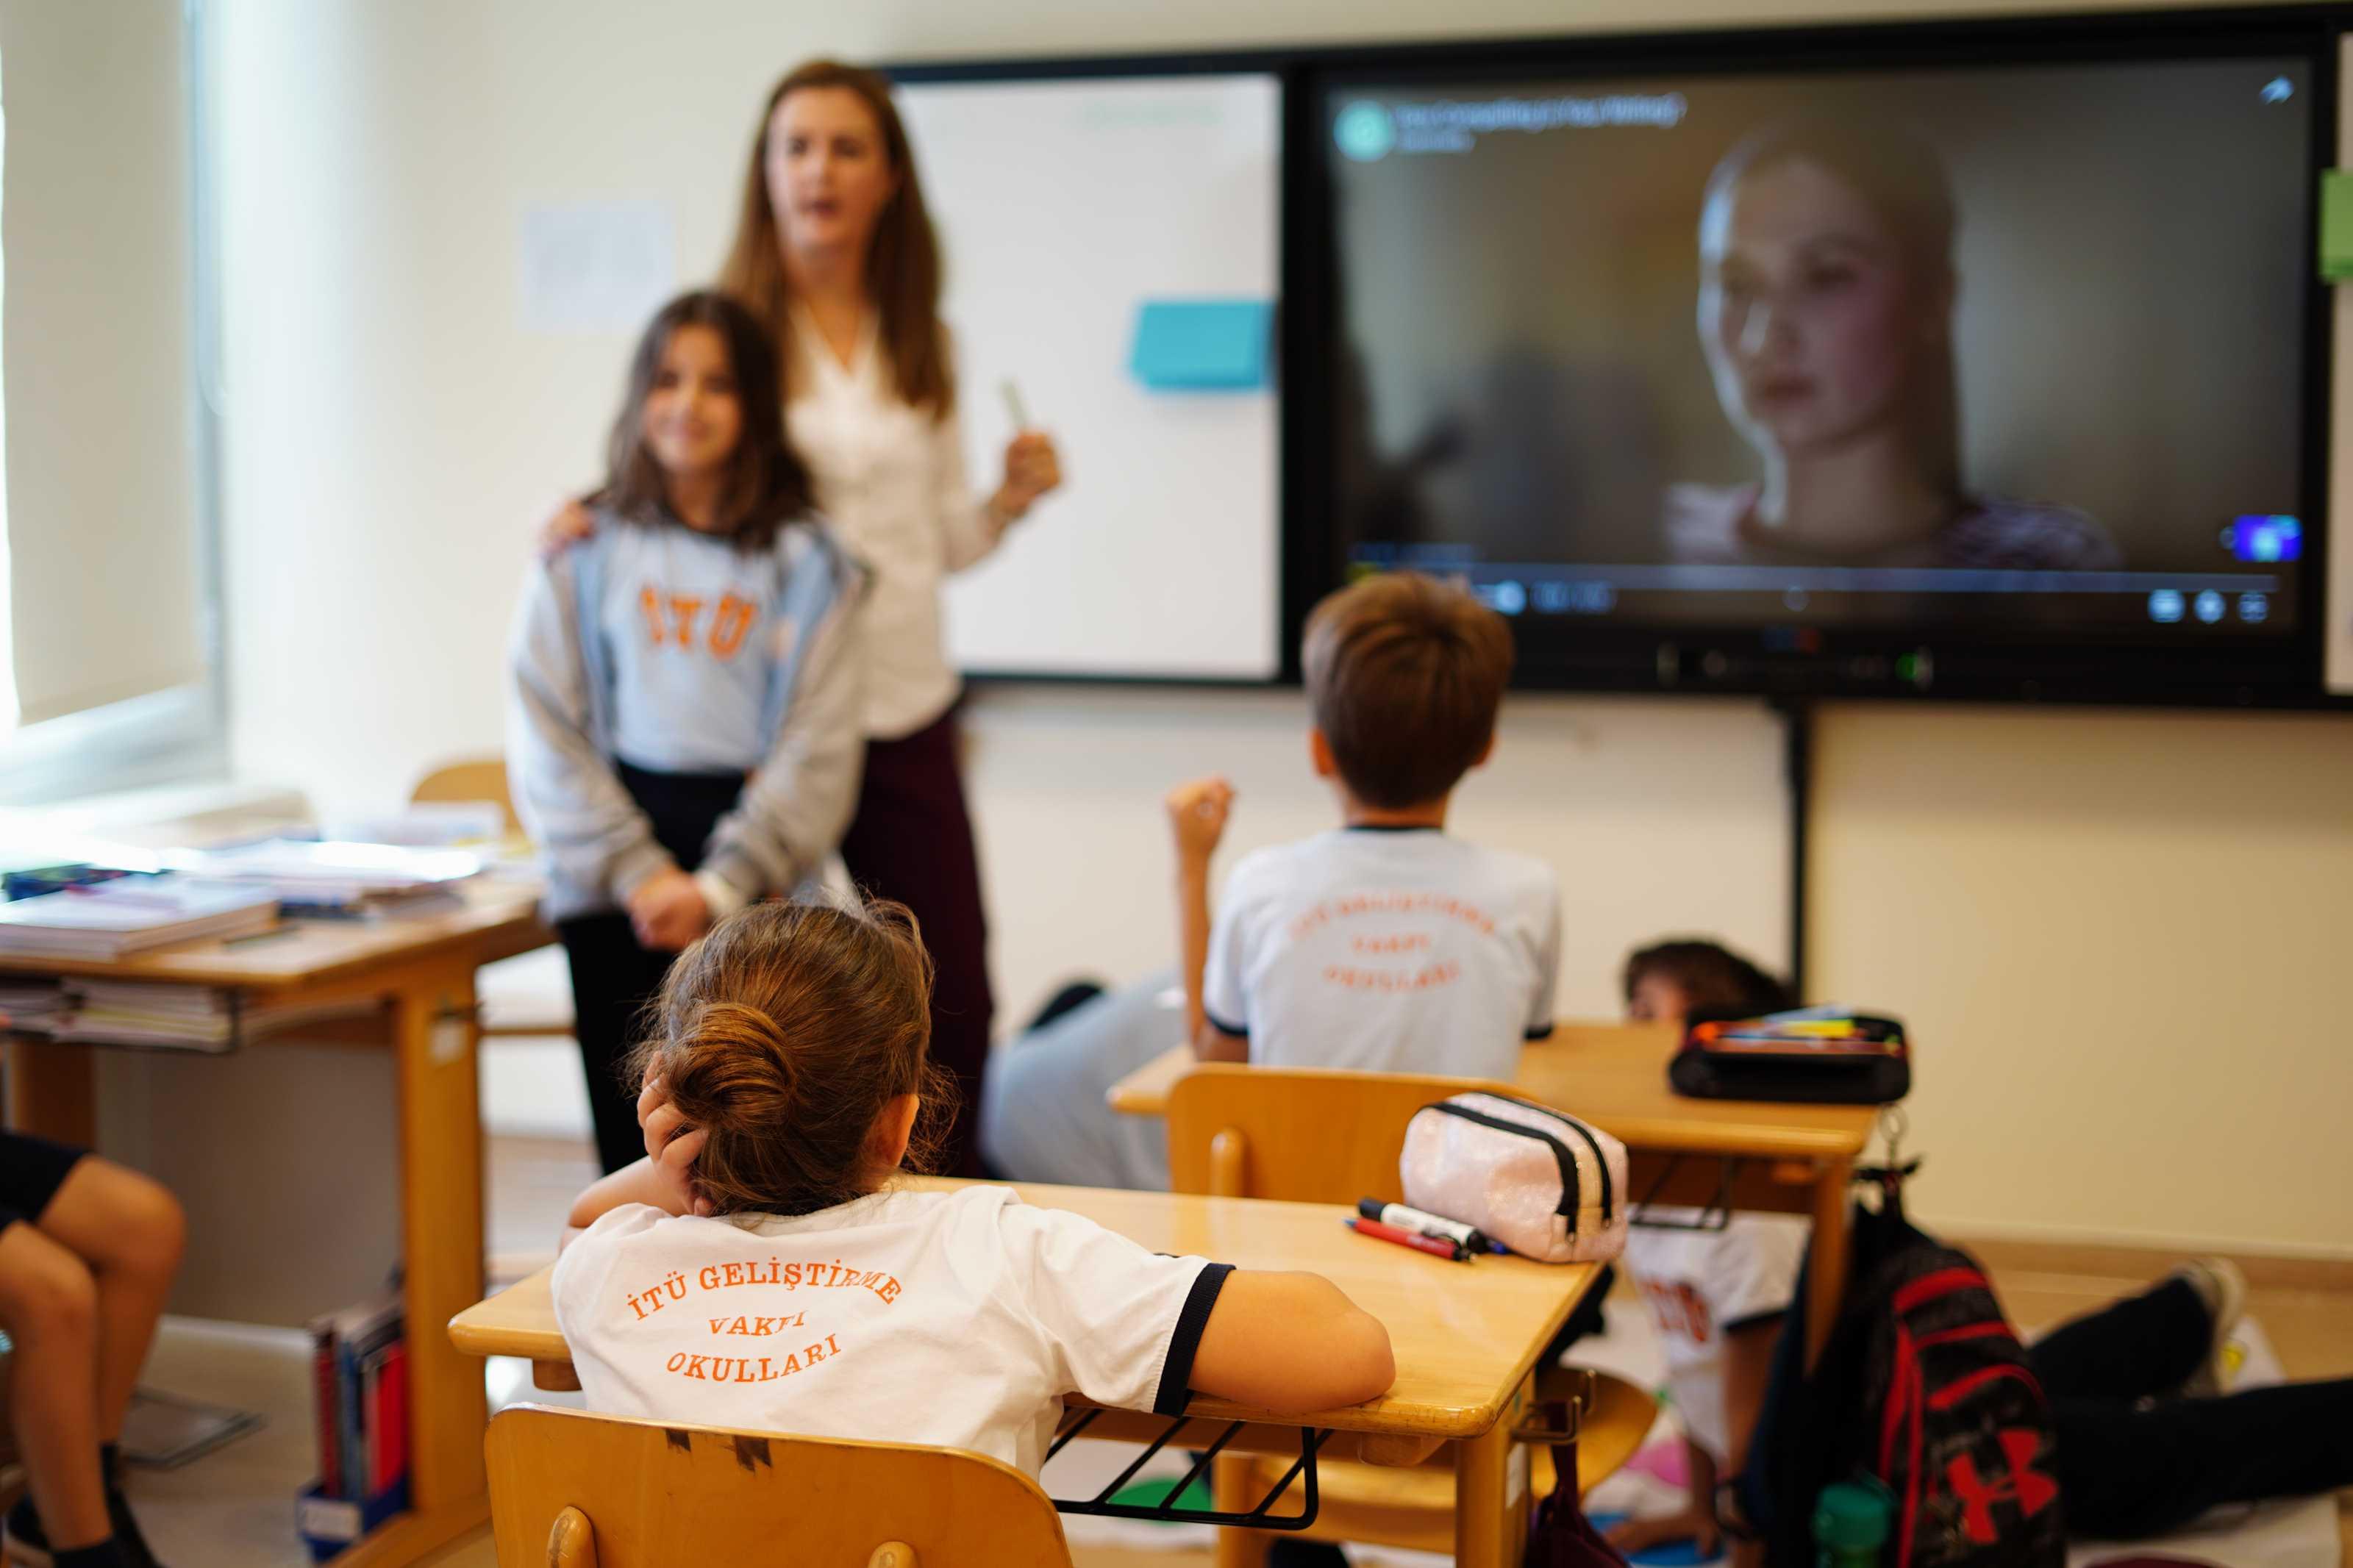 İTÜ Geliştirme Vakfı Okulları